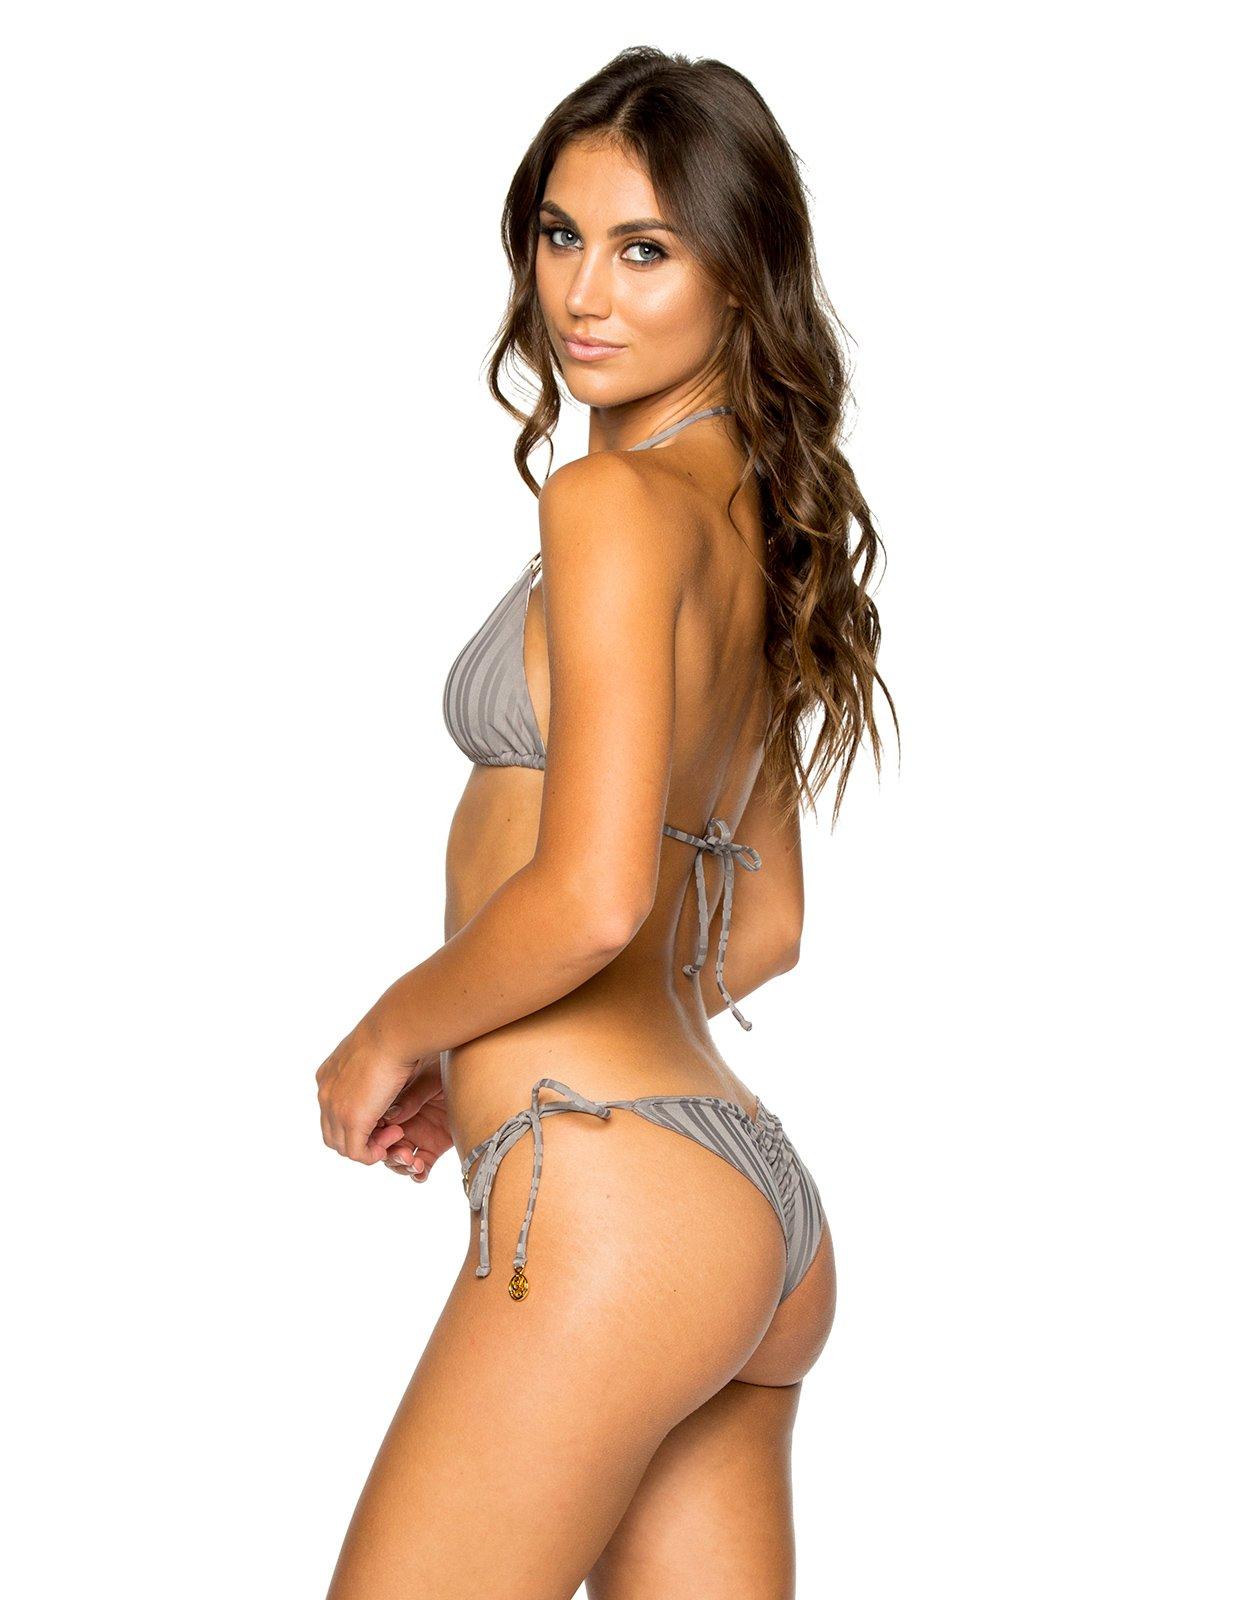 e6bad55b822 ... Triangle grey bikini with rings and scrunch bottom - SEAMLESS GREY TURI  TURAI ...